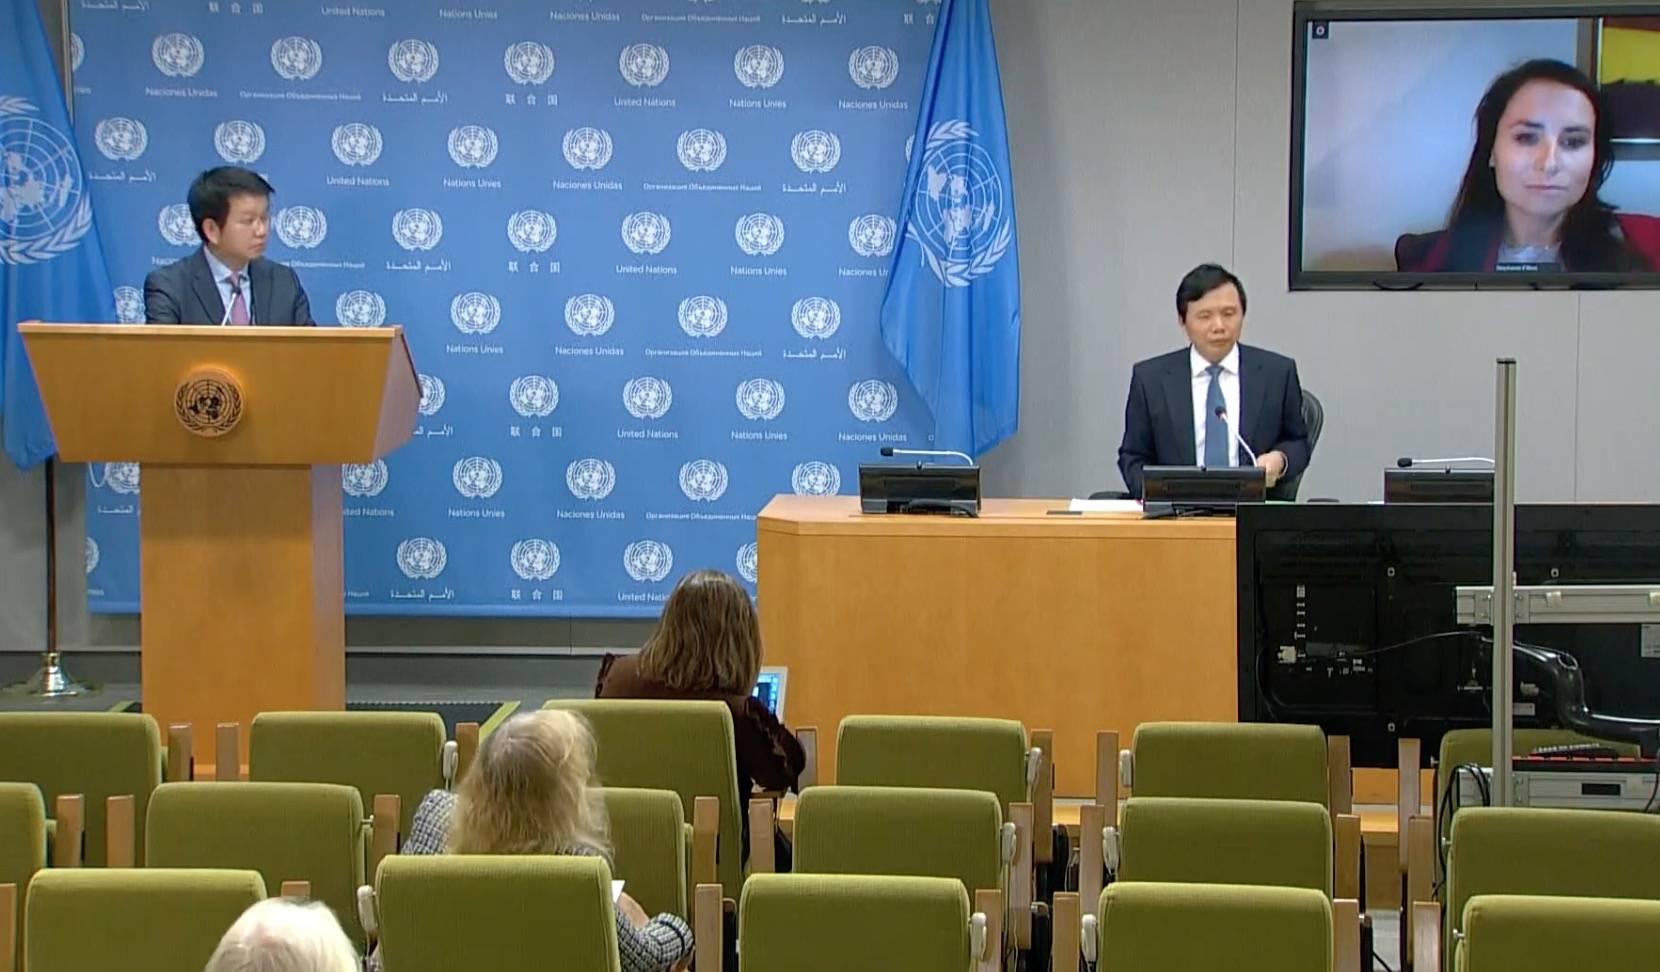 越南接任安理会轮值主席:反对单边制裁缅甸